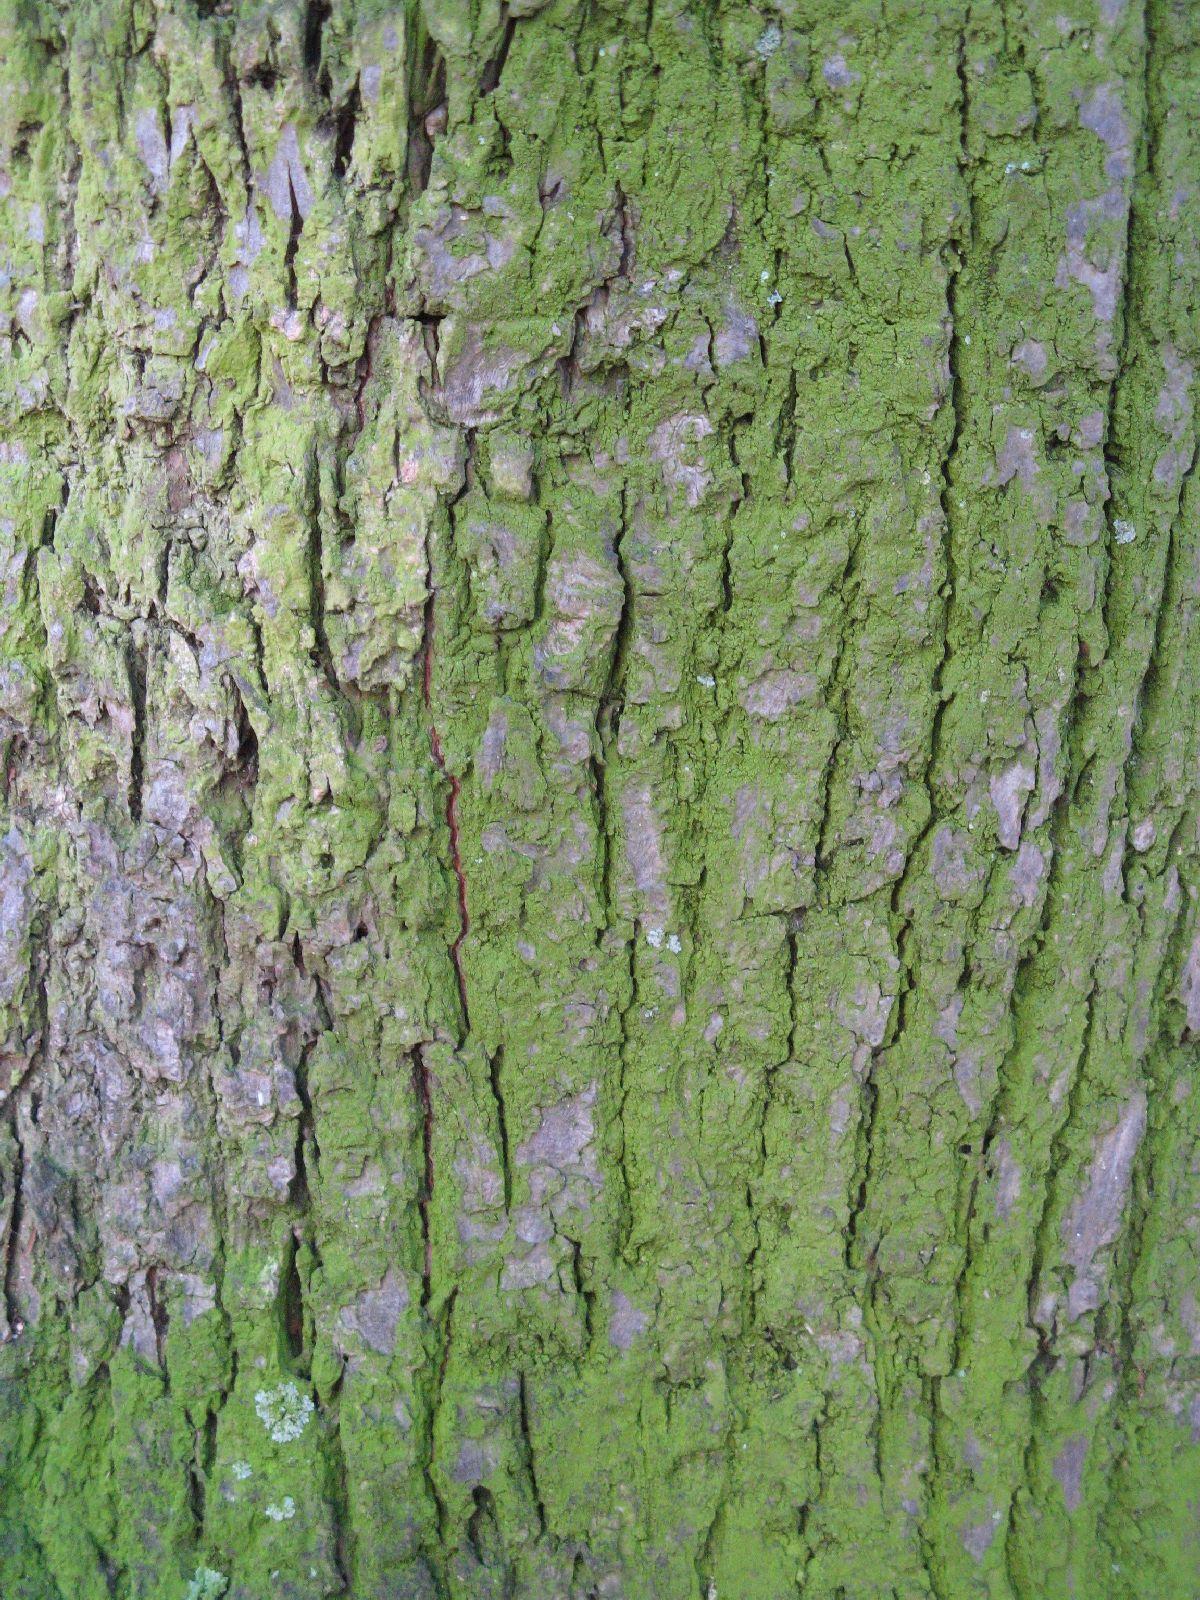 Baum-Rinde_Texturs_B_27910